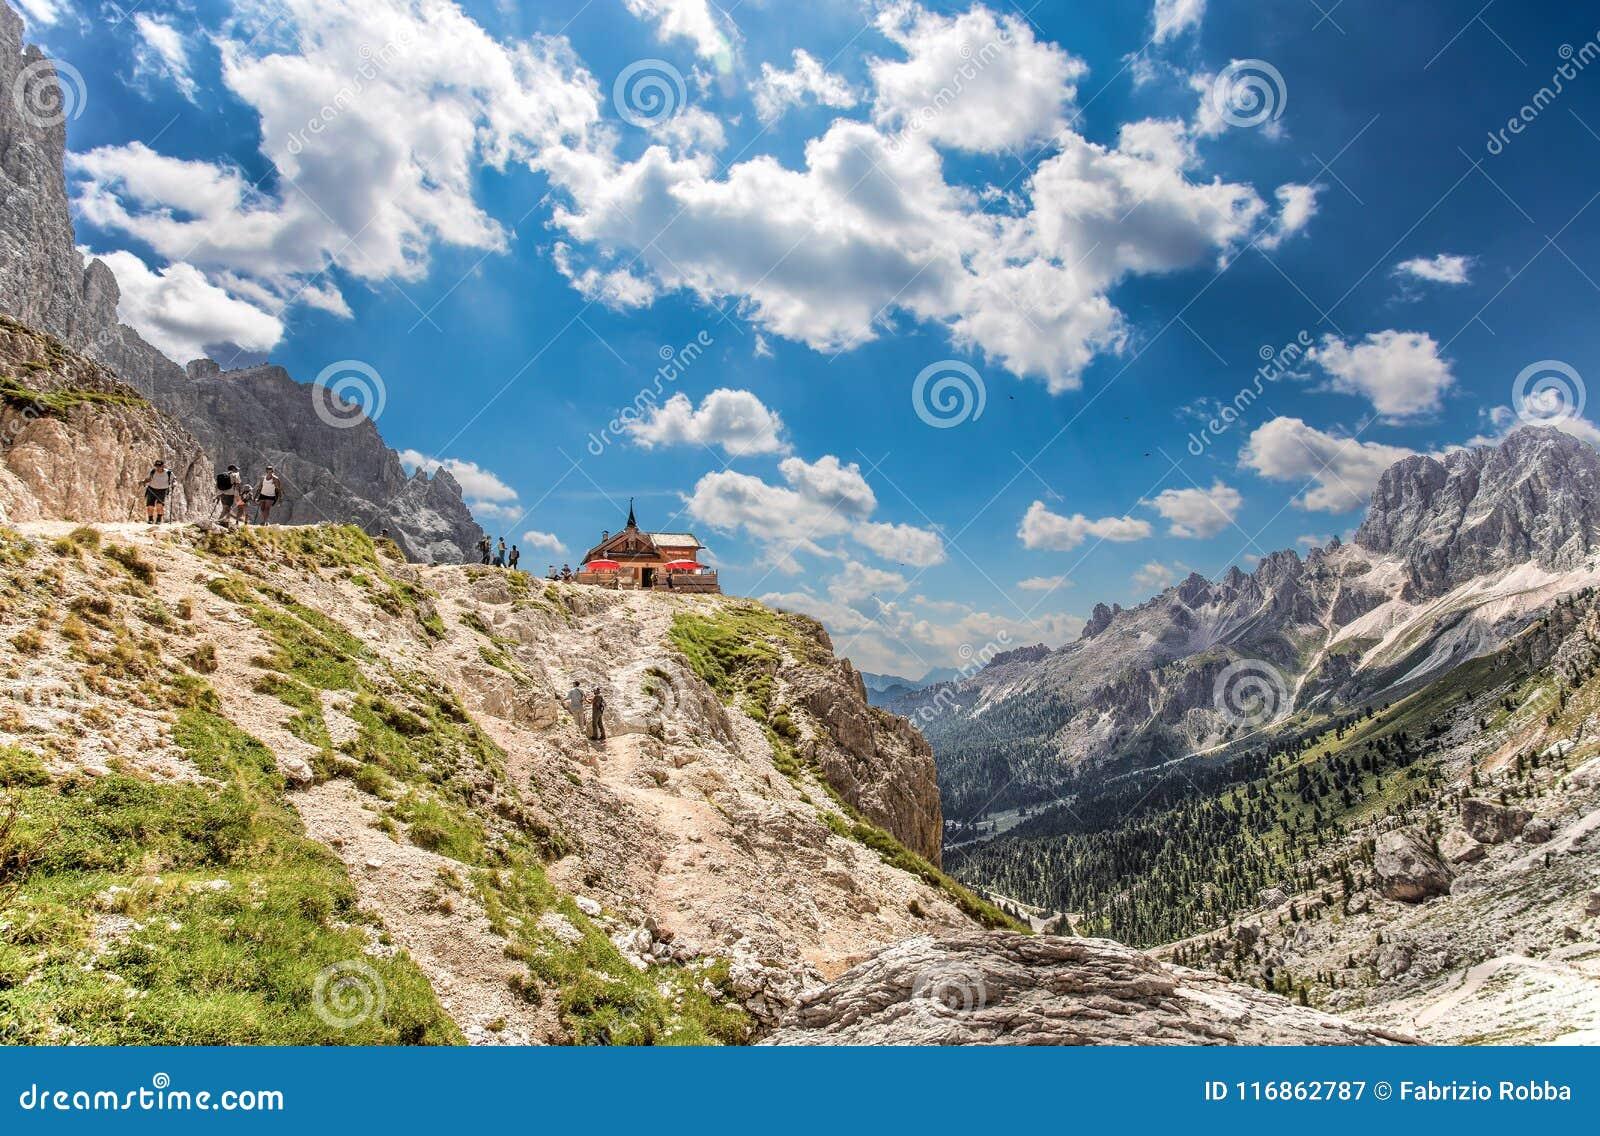 O refúgio e os trekkers de Preuss no pé do Vajolet elevam-se Como visto da fuga trekking do refúgio de Vajolet à passagem de Prin